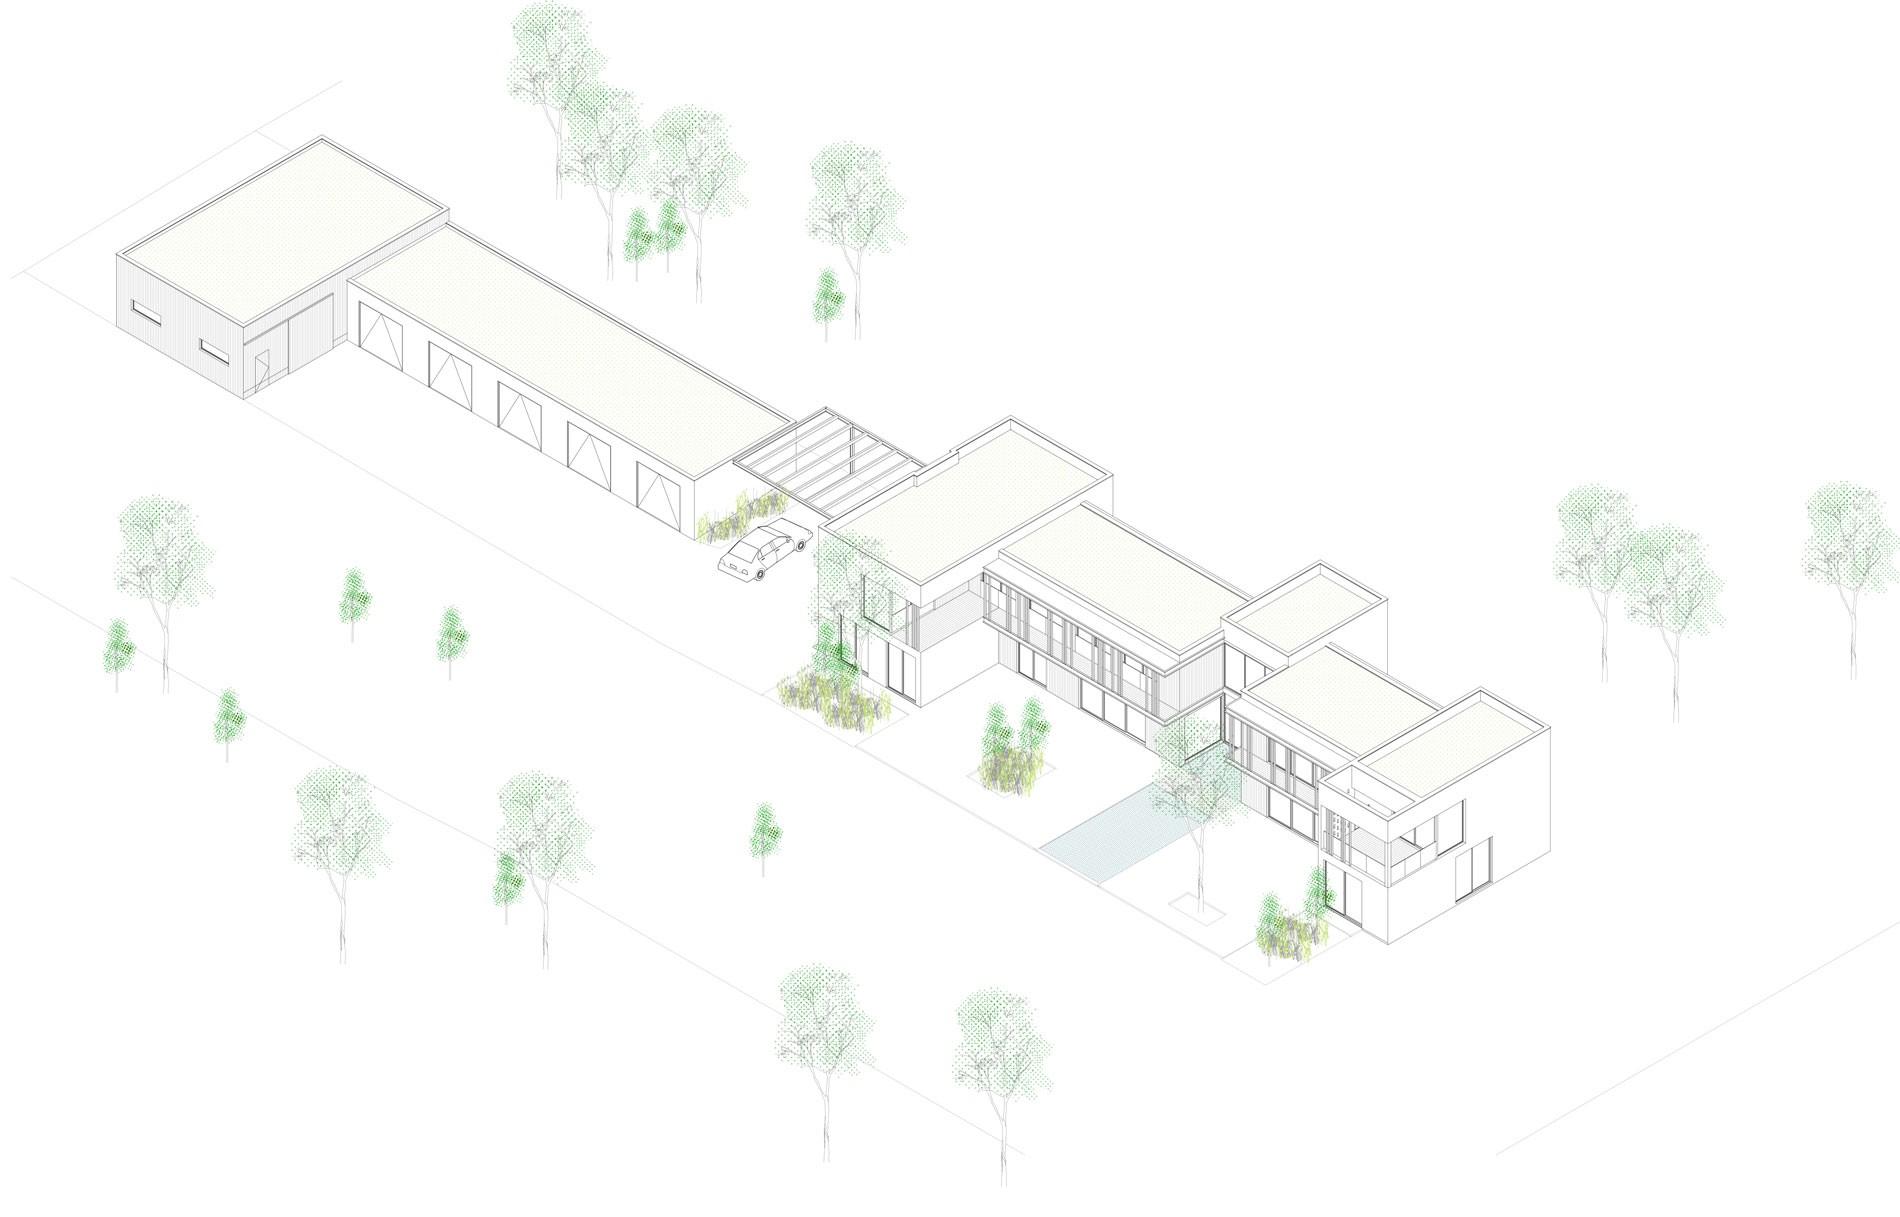 maison-contemporaine-toiture-terrasse-bois-metal-brique-piscine-spa-axo1